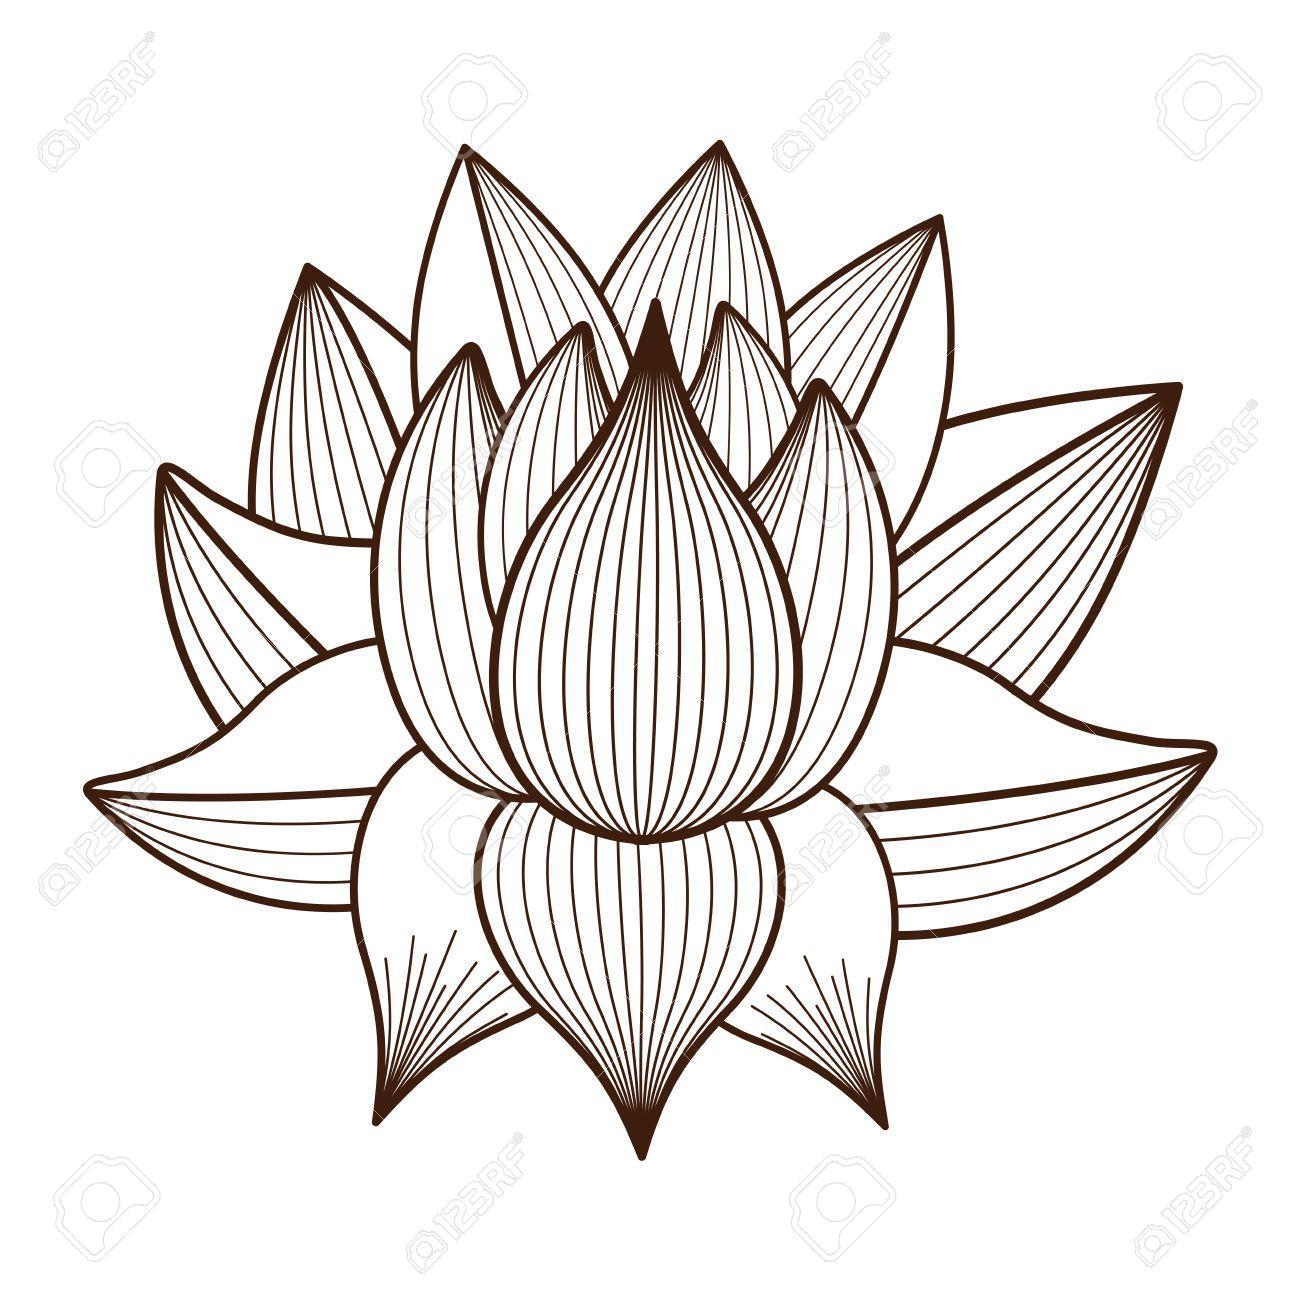 Banque d images - Dessin de fleur de lotus icône isolé design c2f65c931ec39